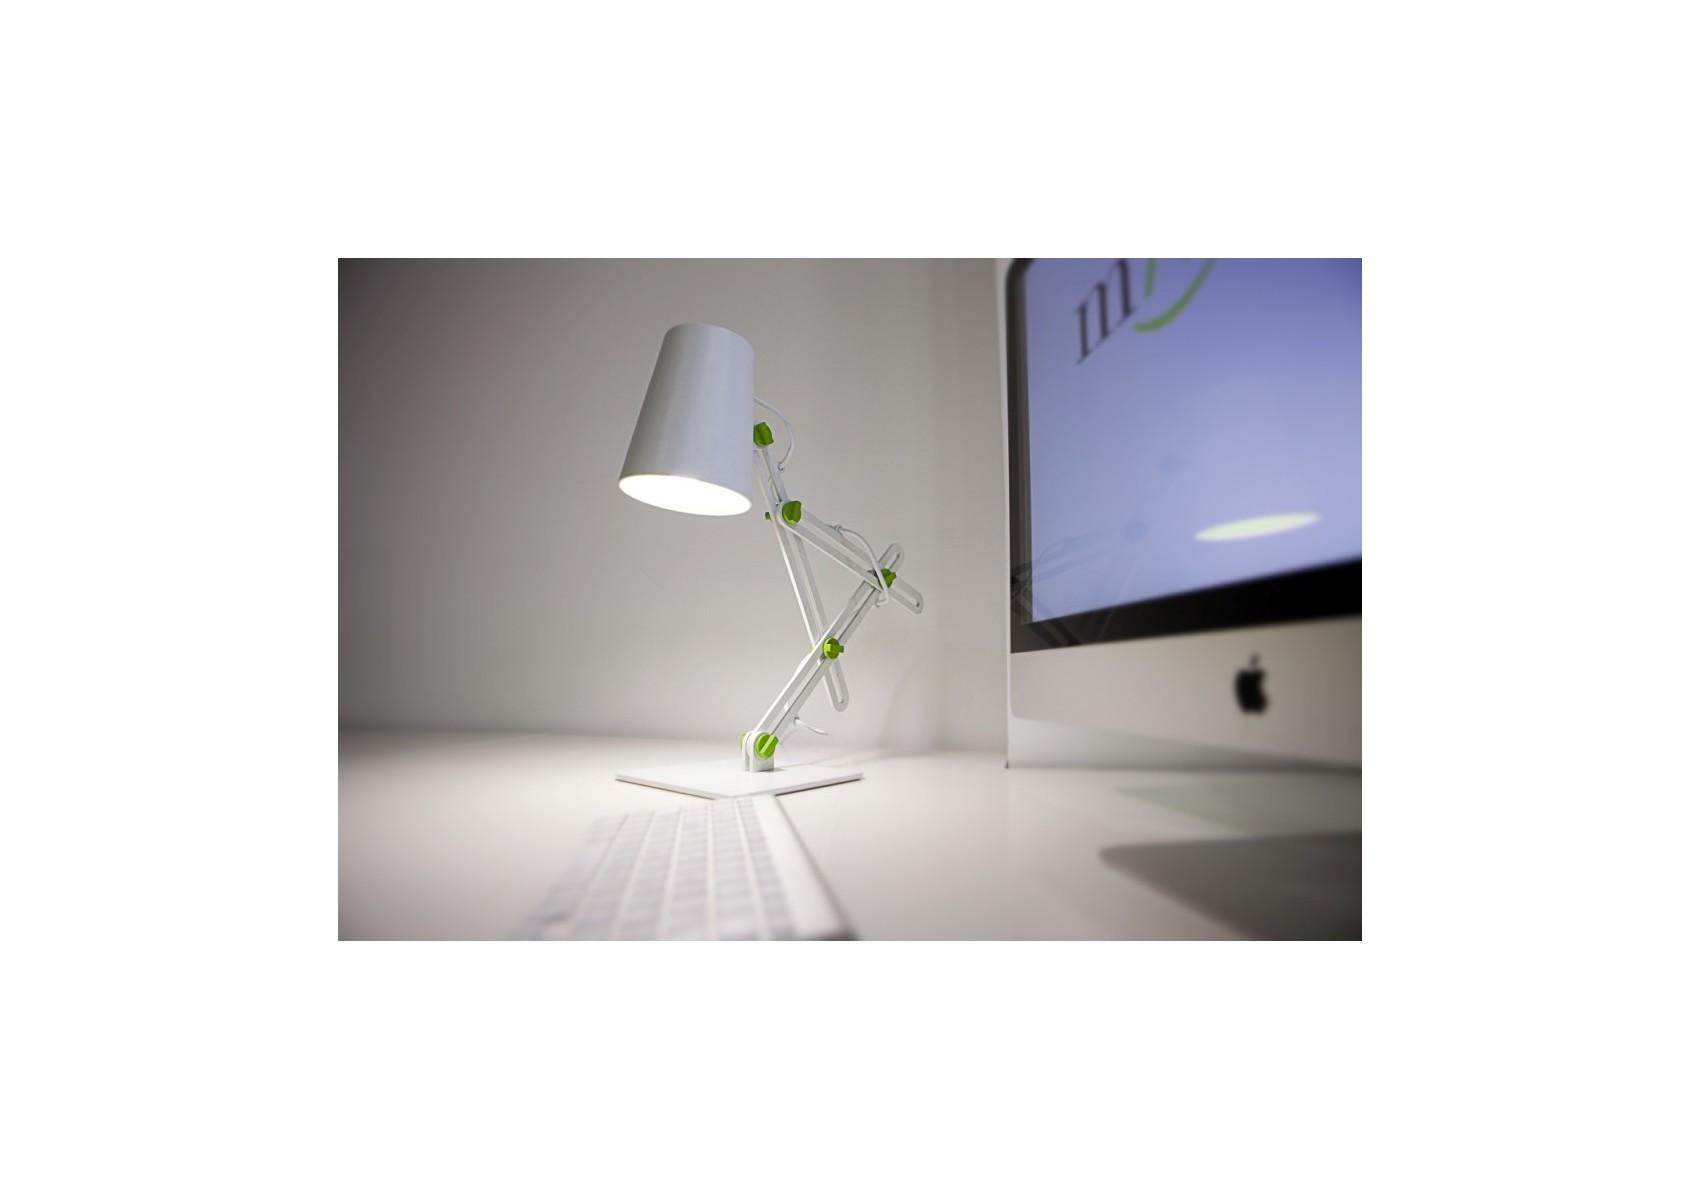 Lampe de bureau looker design boite design - Lampe de bureau design ...